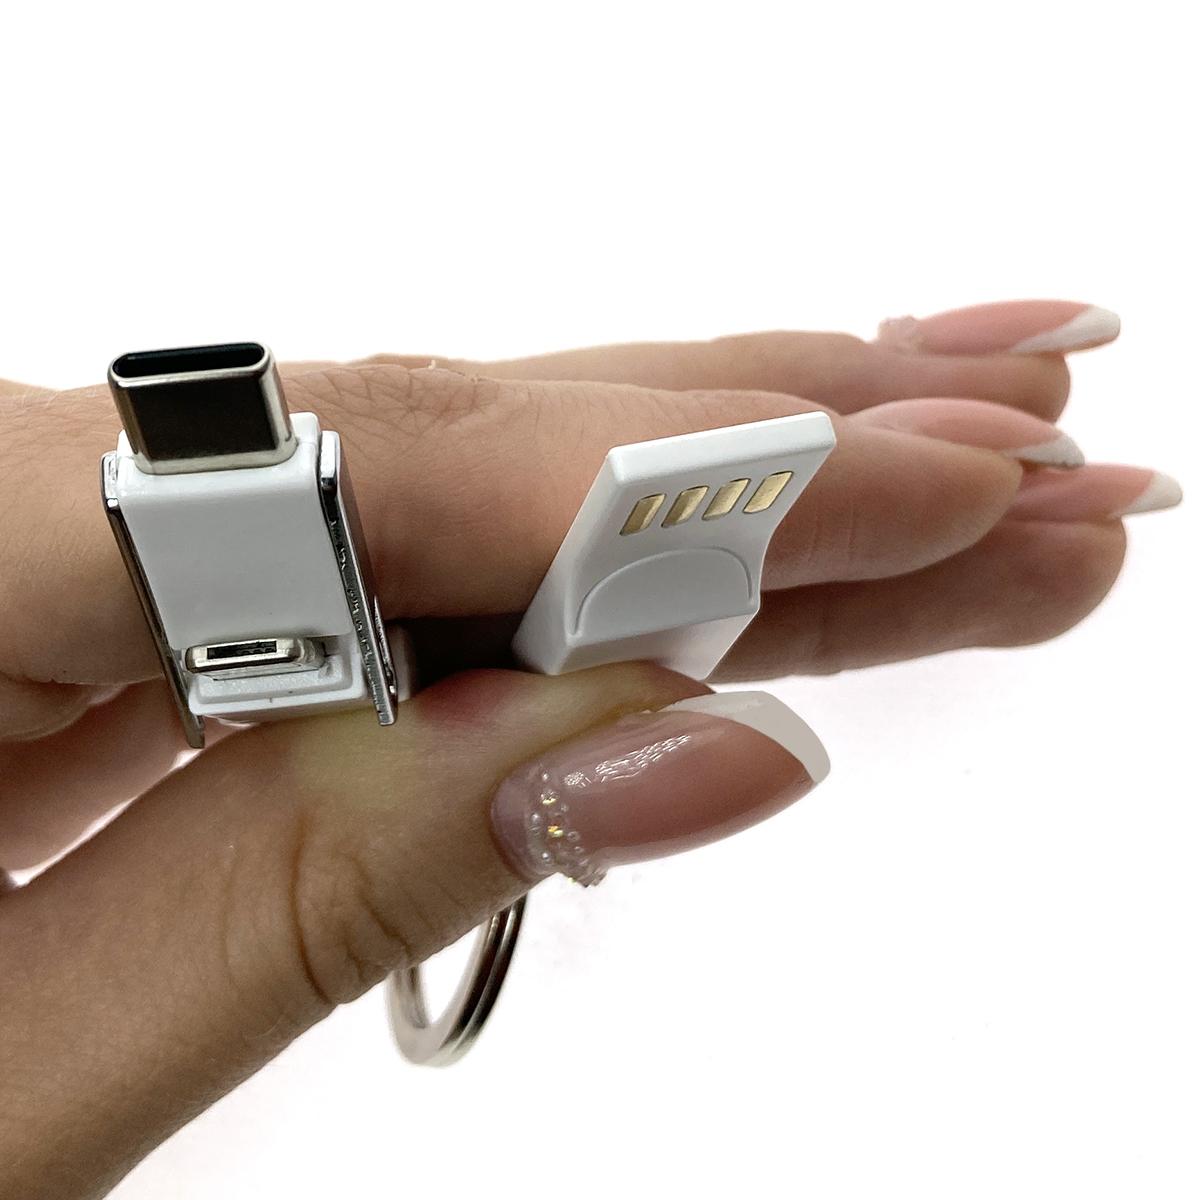 Универсальный брелок-переходник 3в1 USB 2.0 to Type C + micro USB + iphone Lightning 8pin, розовый, Emagn3i1 Espada